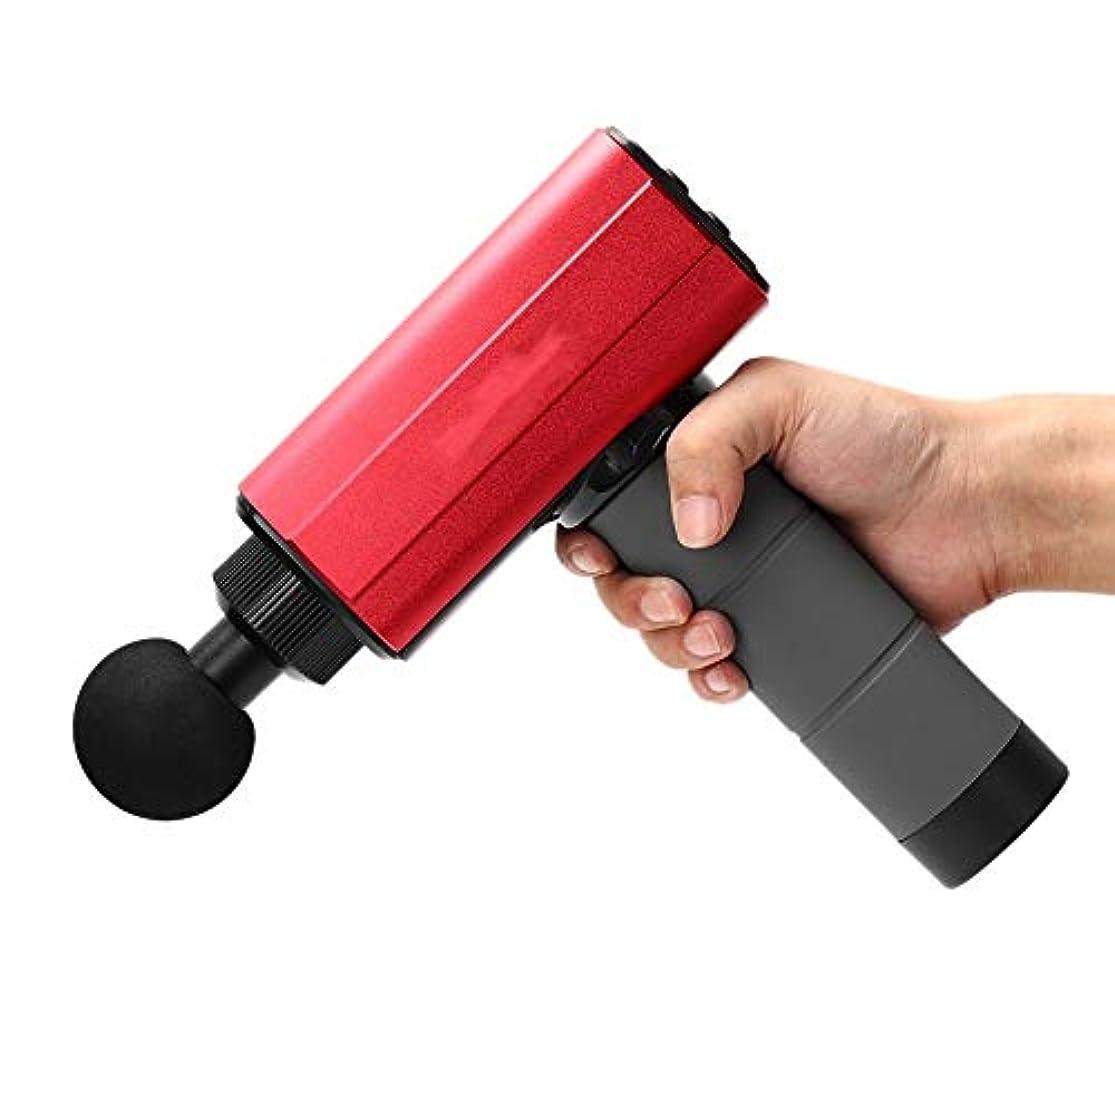 数値億人に関する限り手持ち型の深いティッシュ筋肉マッサージャー銃の再充電可能なマッサージ装置、体の痛みのための専門のコードレスパーカッション(US Plug)